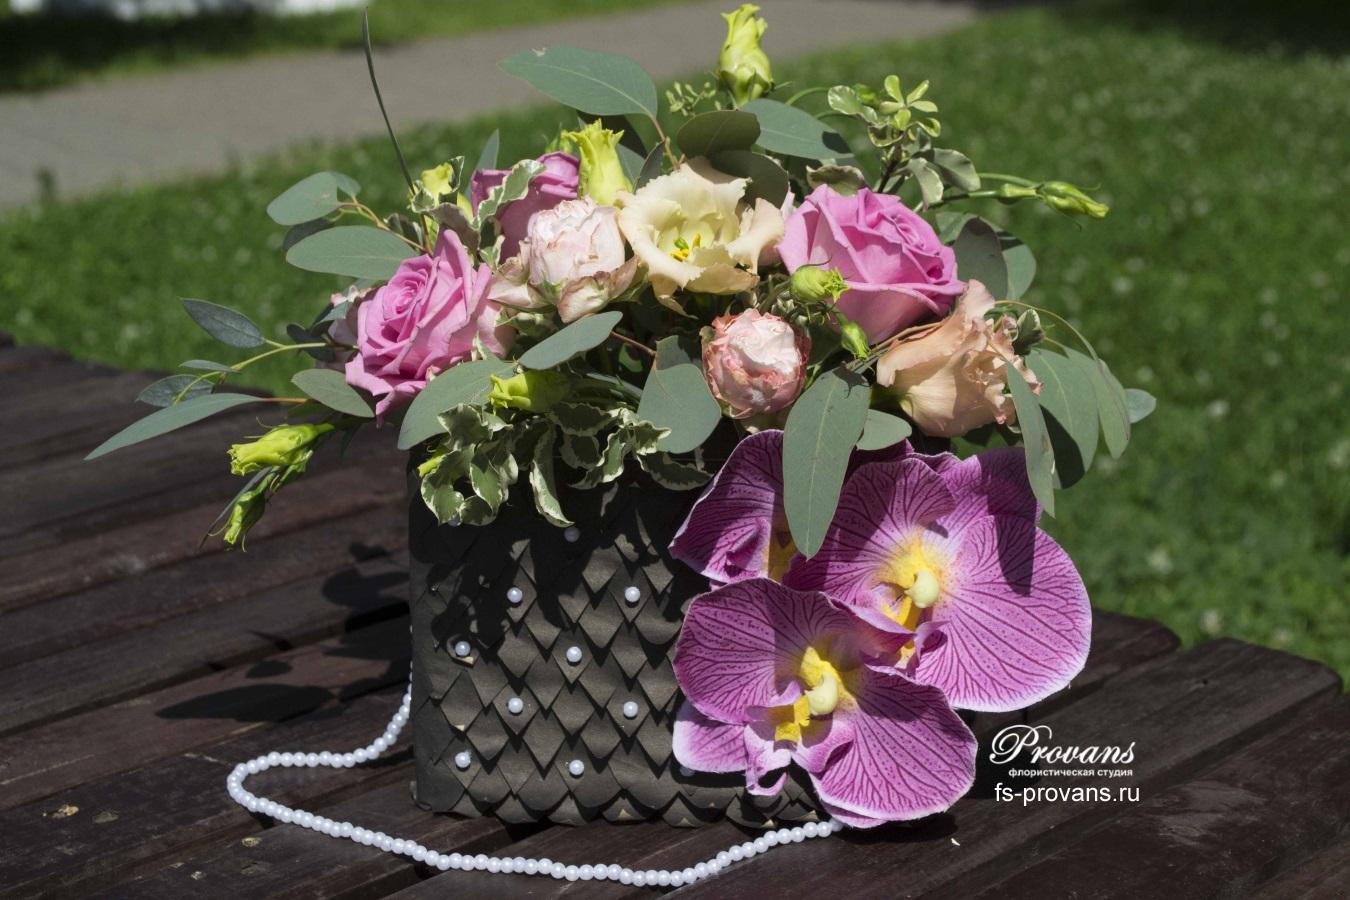 Сумочка с цветами. Розы, эустома